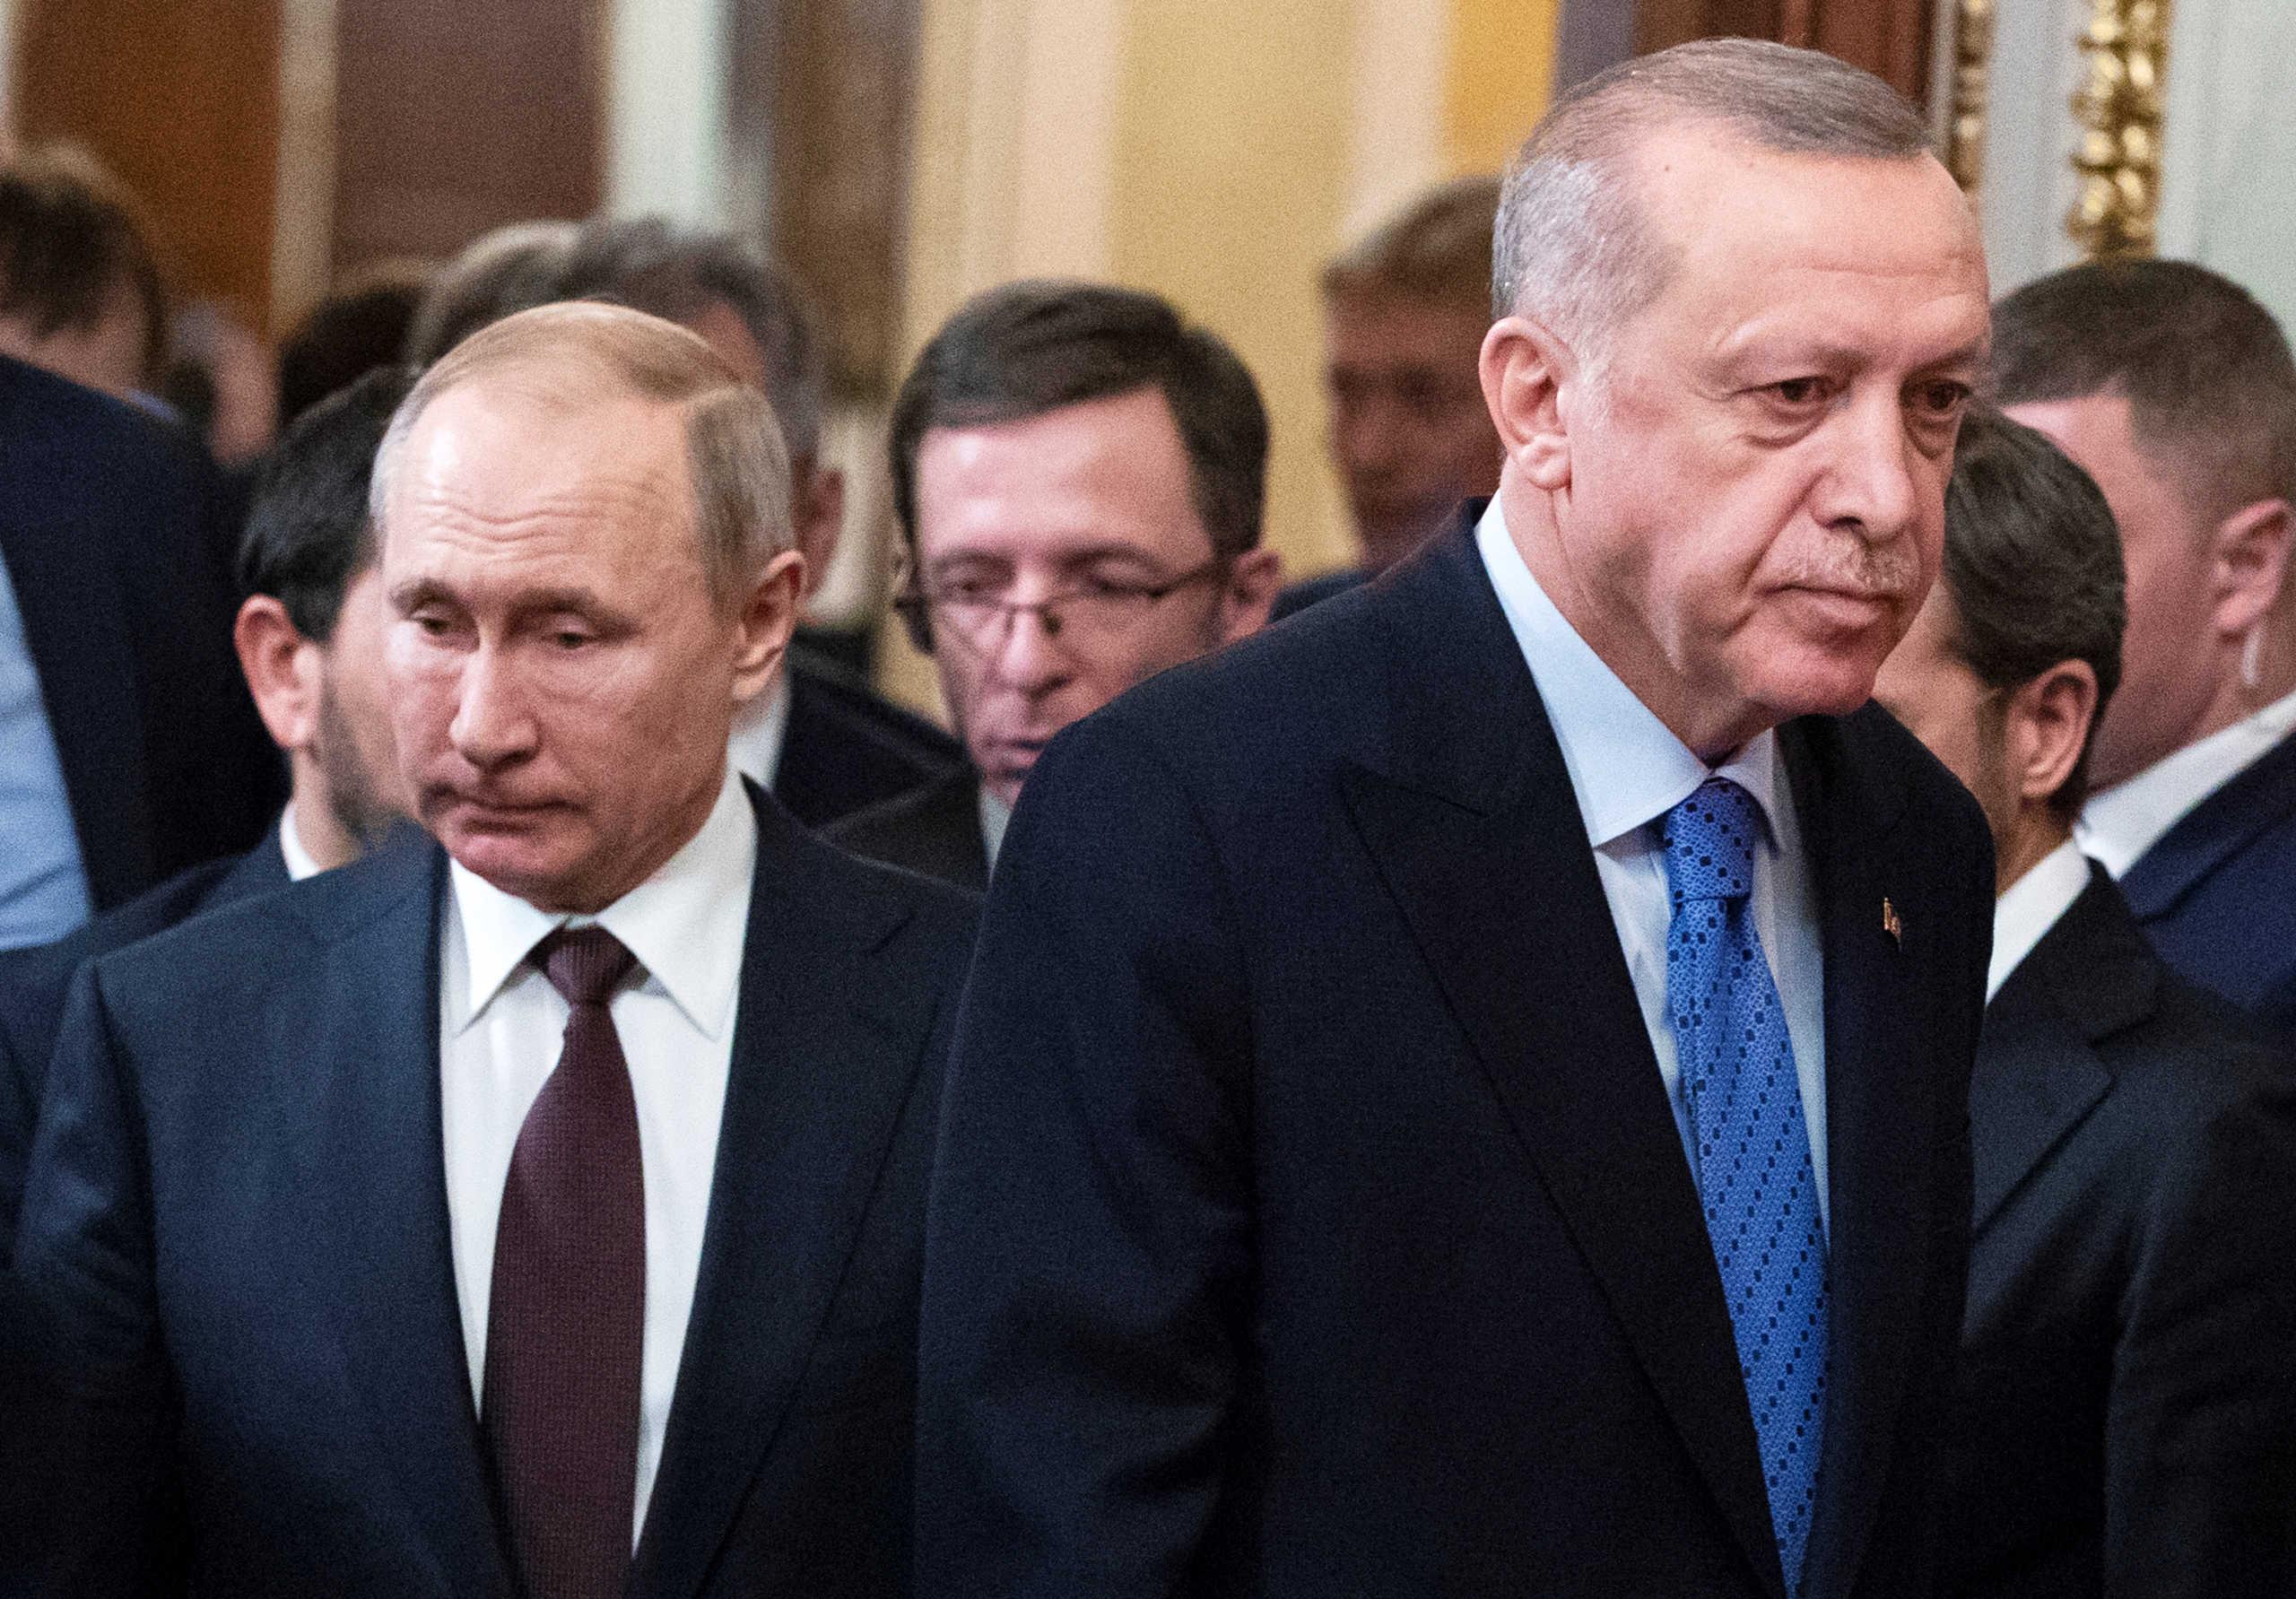 Άγριο χουνέρι Πούτιν στον Ερντογάν! Ο Βλαδίμηρος δεν σηκώνει αστεία! (ΒΙΝΤΕΟ)